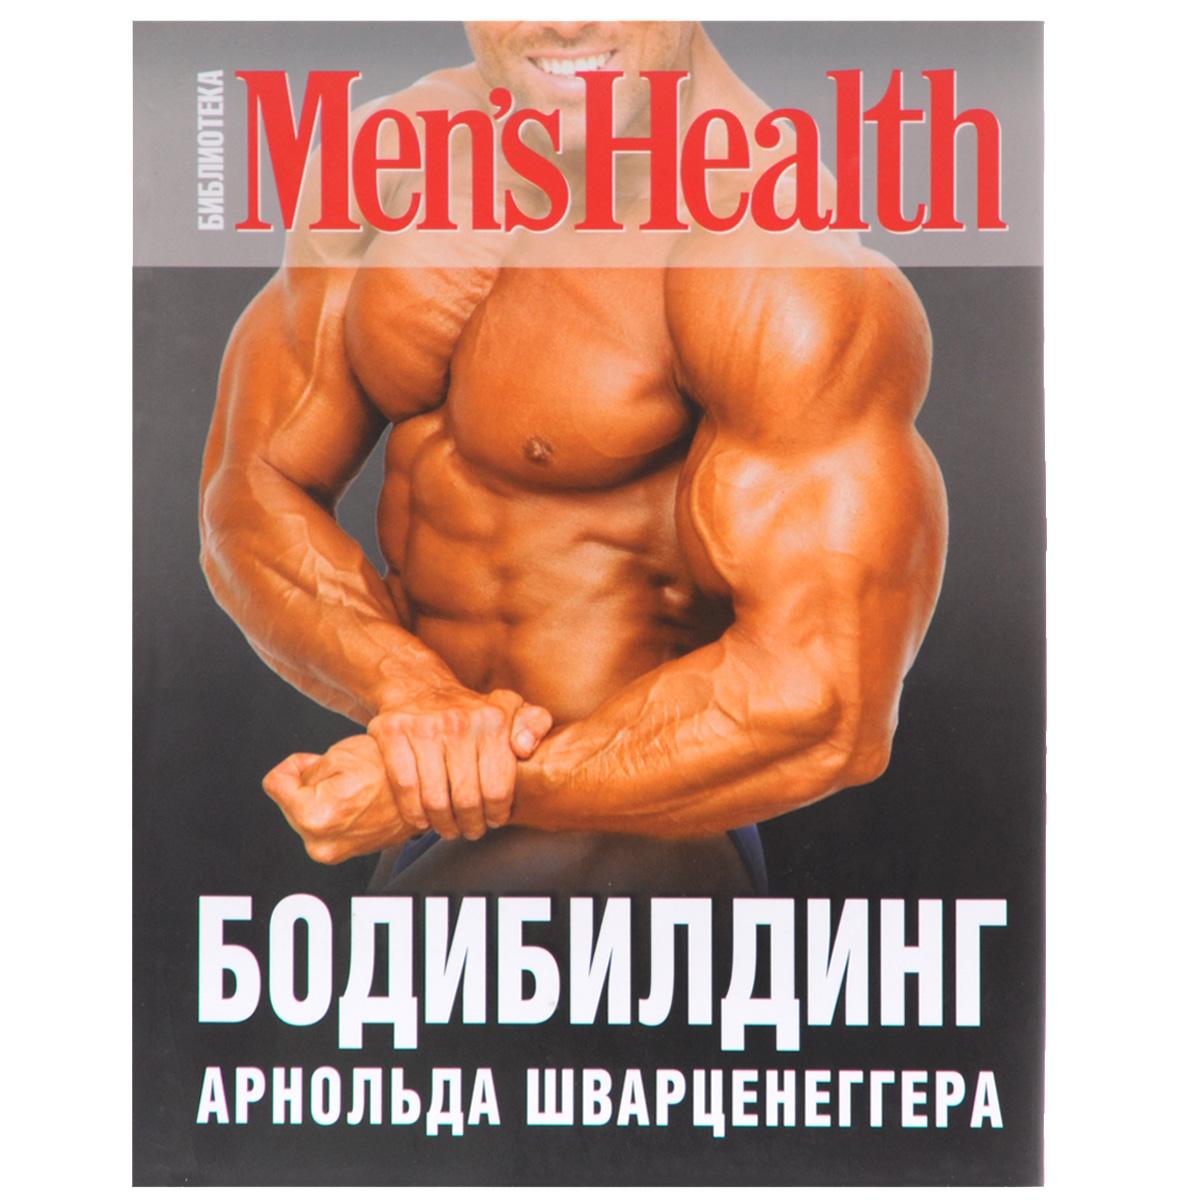 Арнольд Шварценеггер. Фирменные упражнения. Дмитрий Мурзин